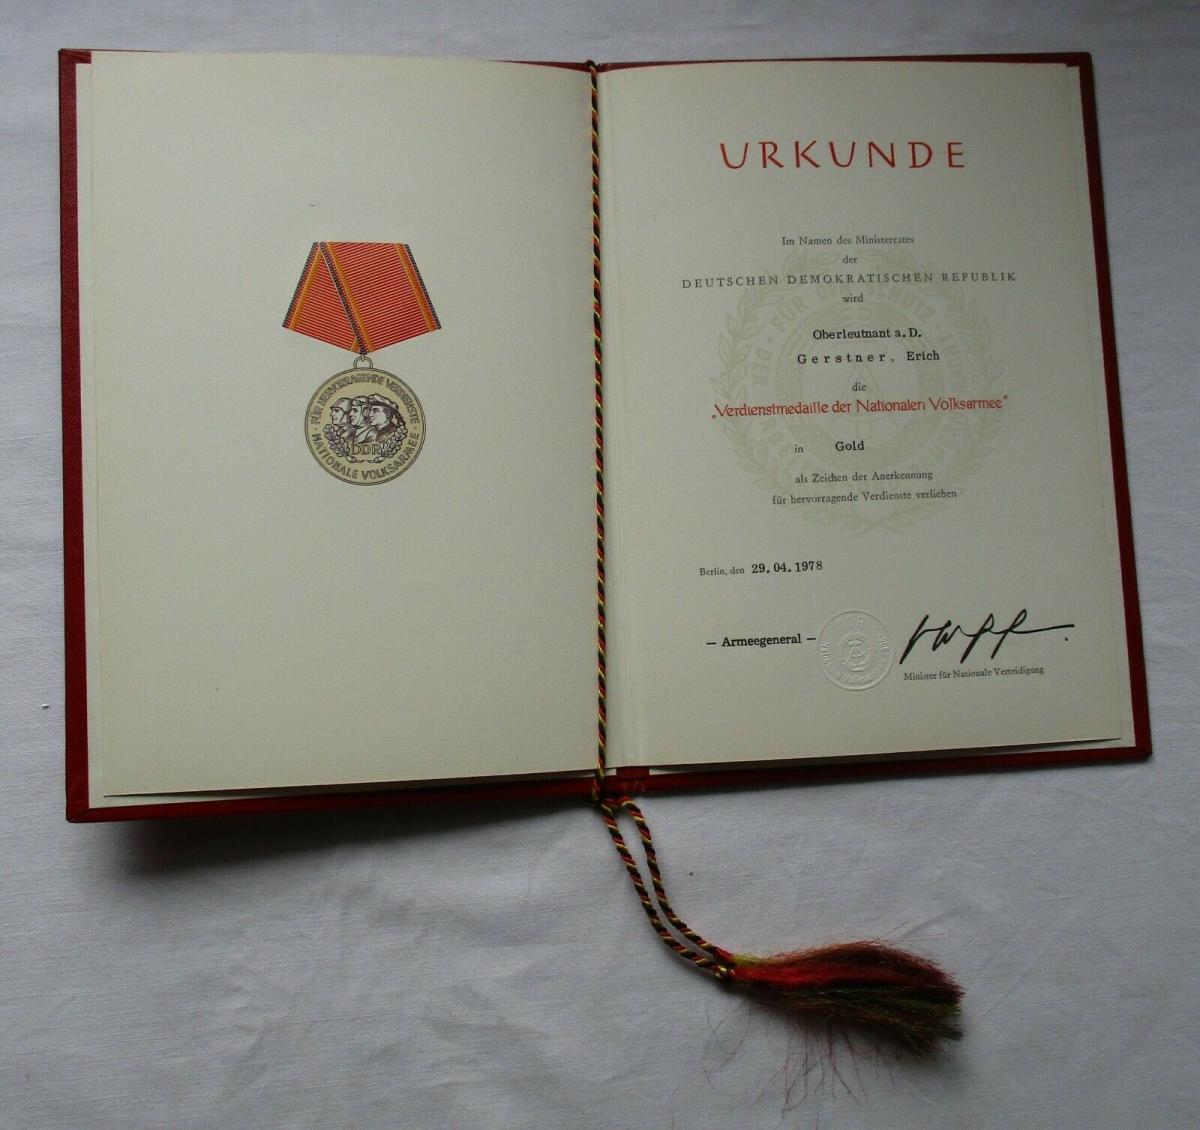 DDR Verdienstmedaille der NVA Nationale Volksarmee Gold Urkunde 1978 (135142) 0